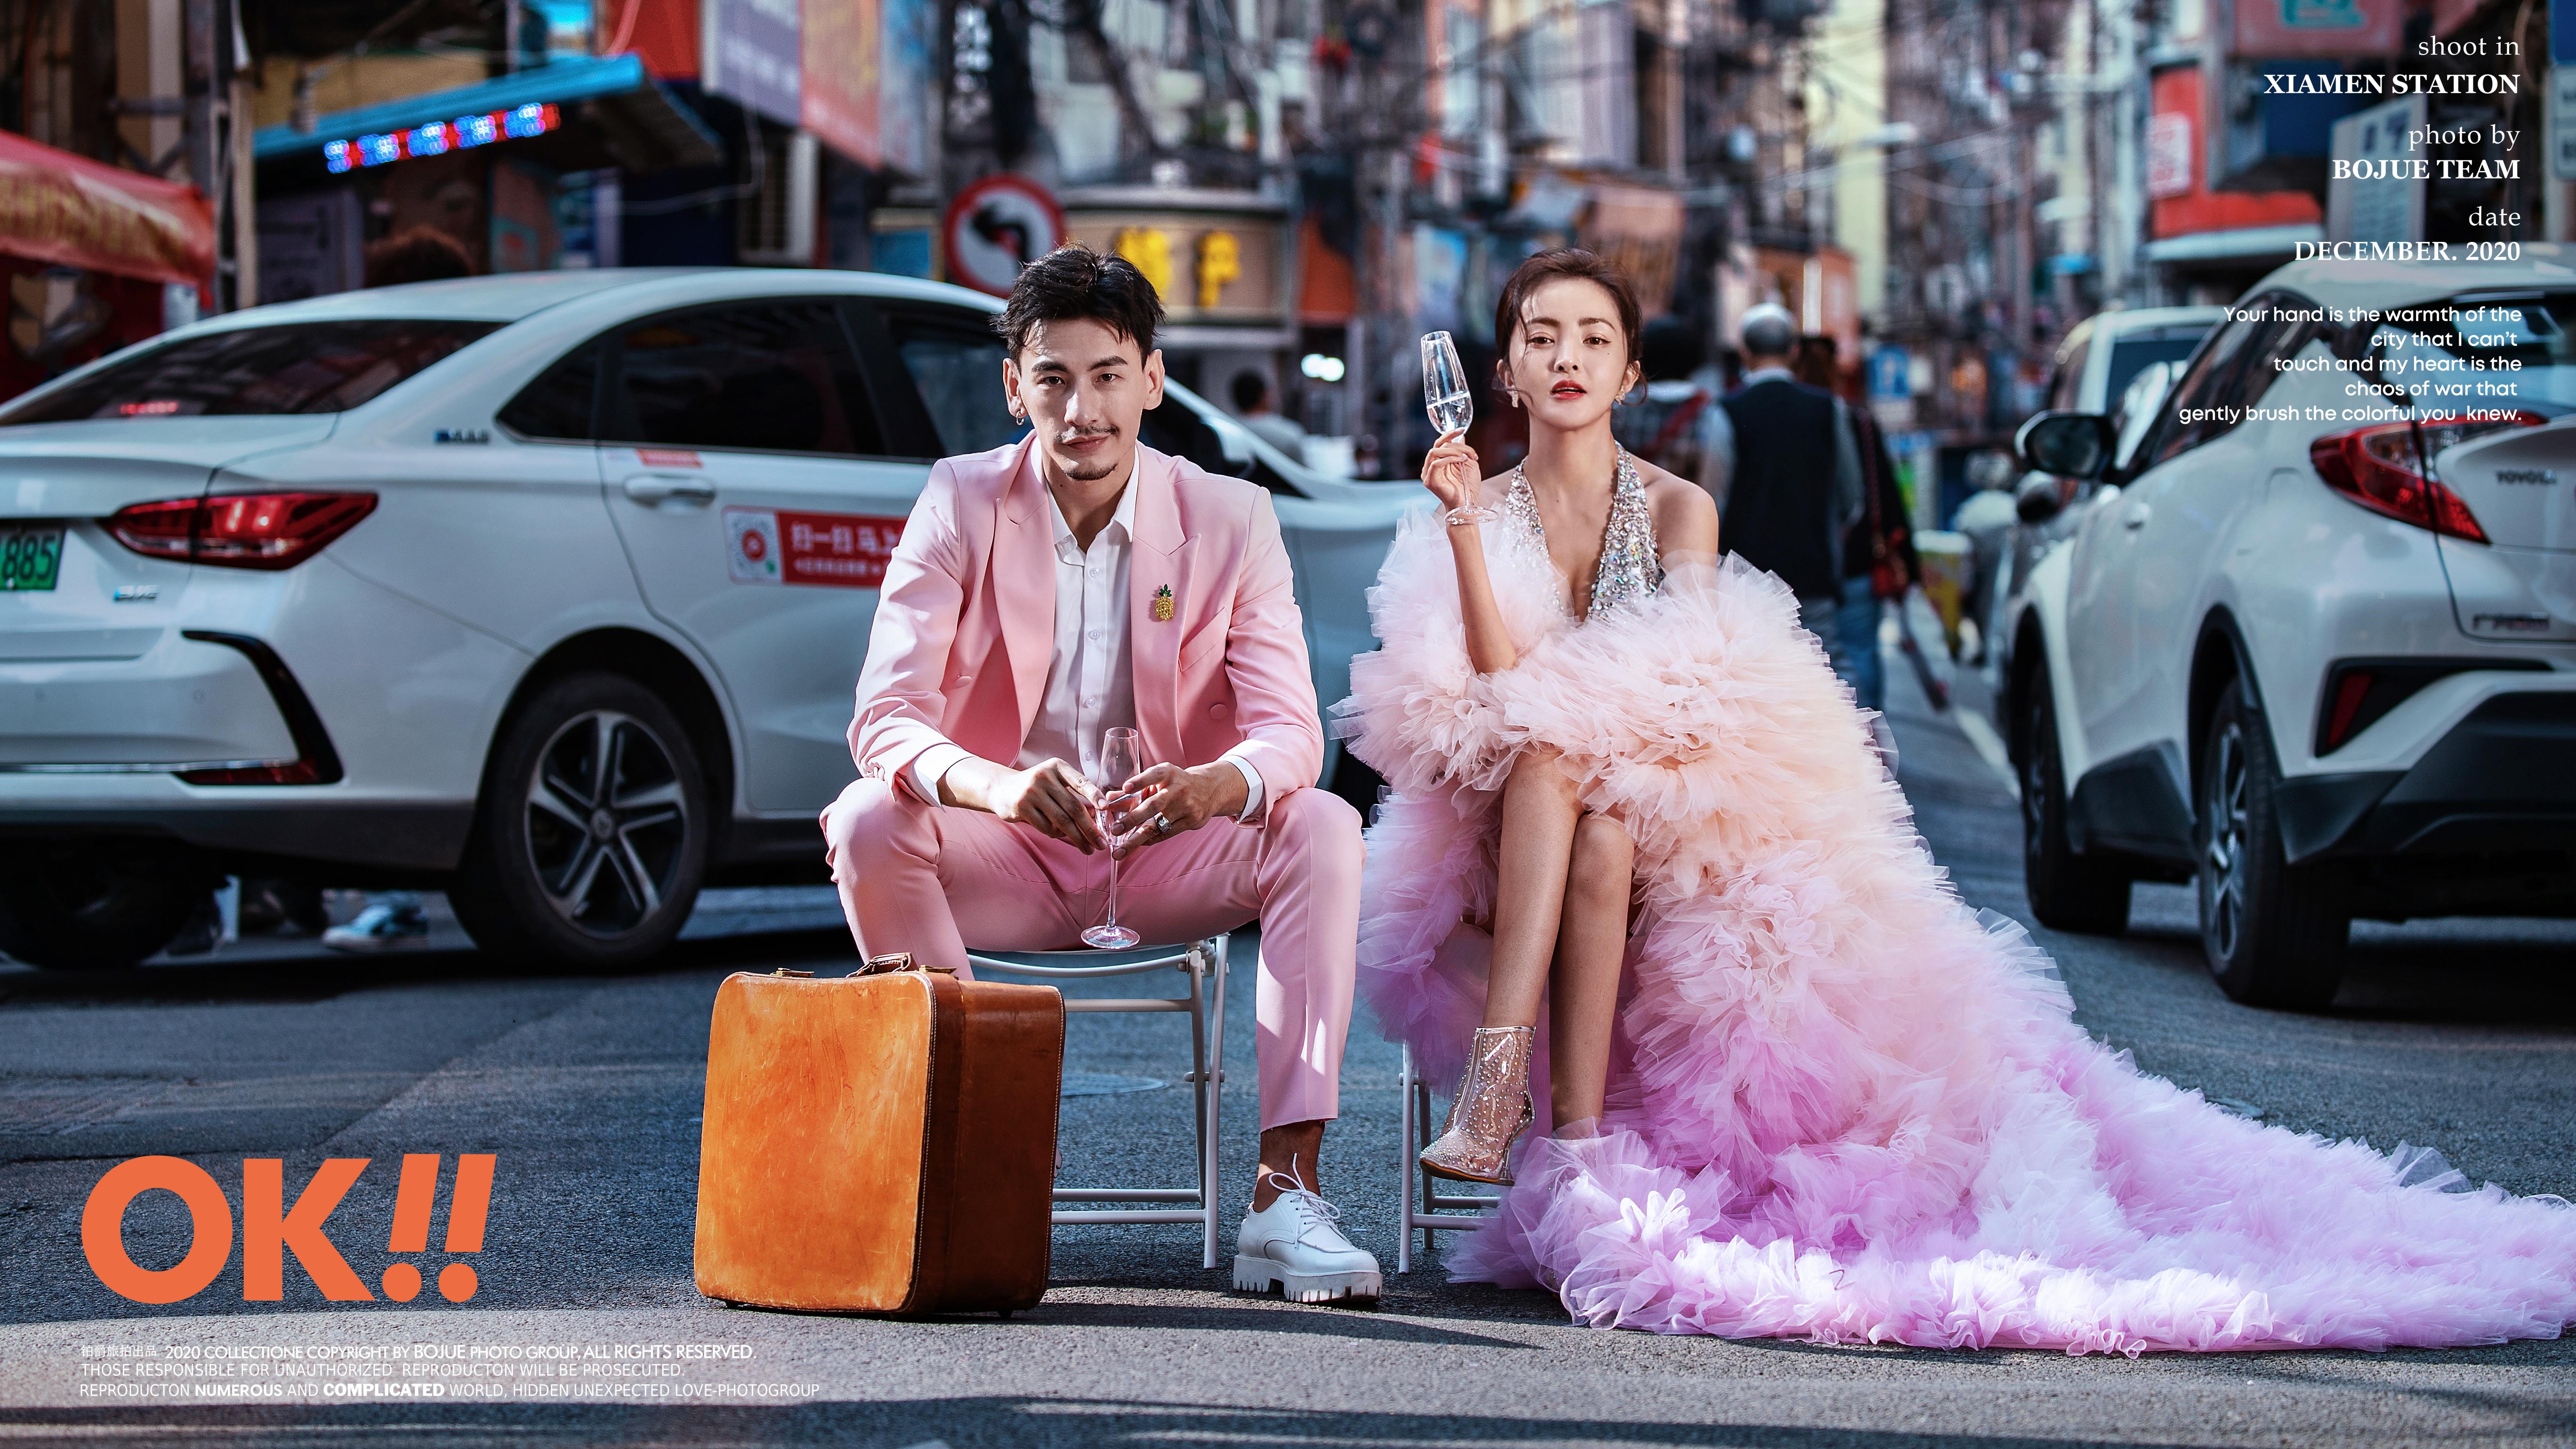 中山路婚纱照怎么拍出电影质感 厦门婚纱摄影技巧分享 怎么拍好看